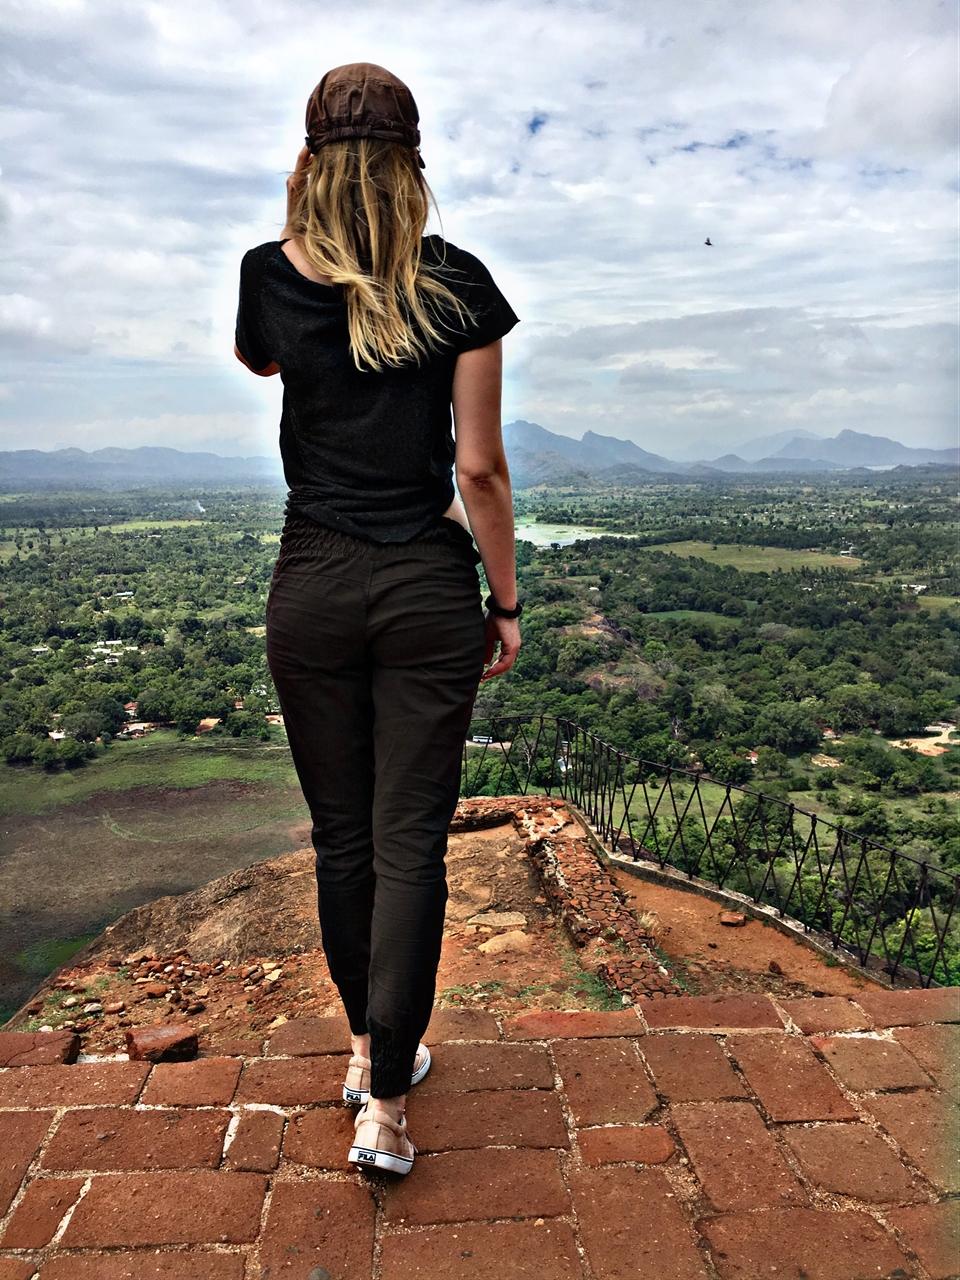 Sri Lanka Travel Guide- Reisebericht - Ausblick vom Sigirya - Fashionladyloves by Tamara Wagner - Travel Blog - Reiseblog aus Graz Österreich